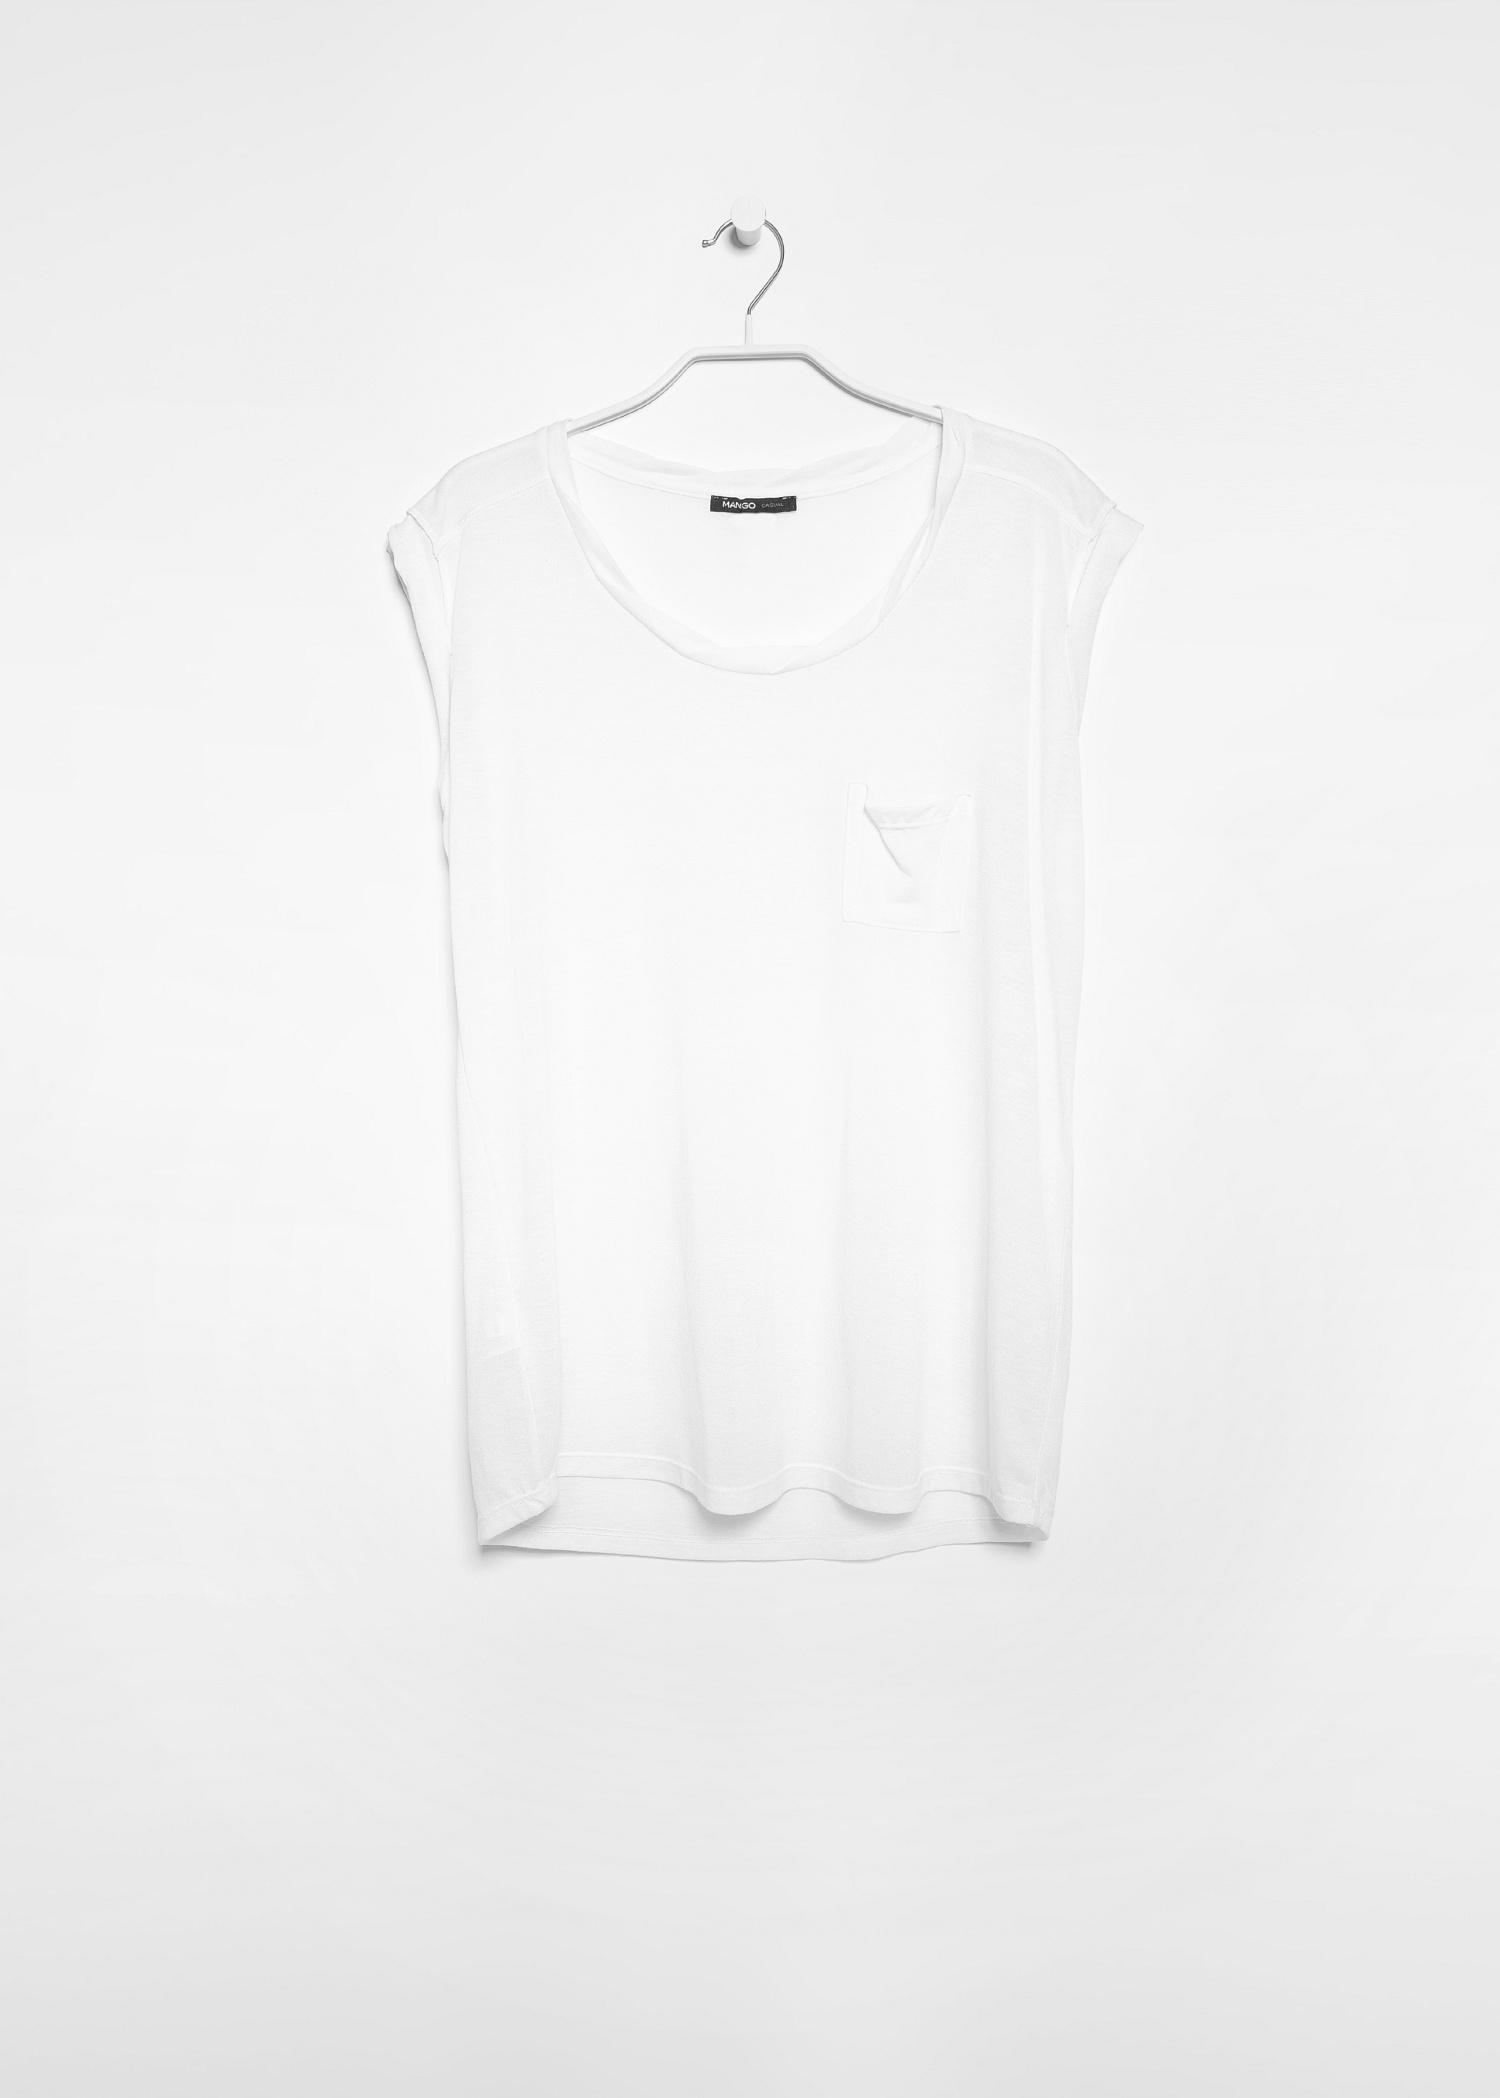 Mango - T-shirt poche (12,99 €)